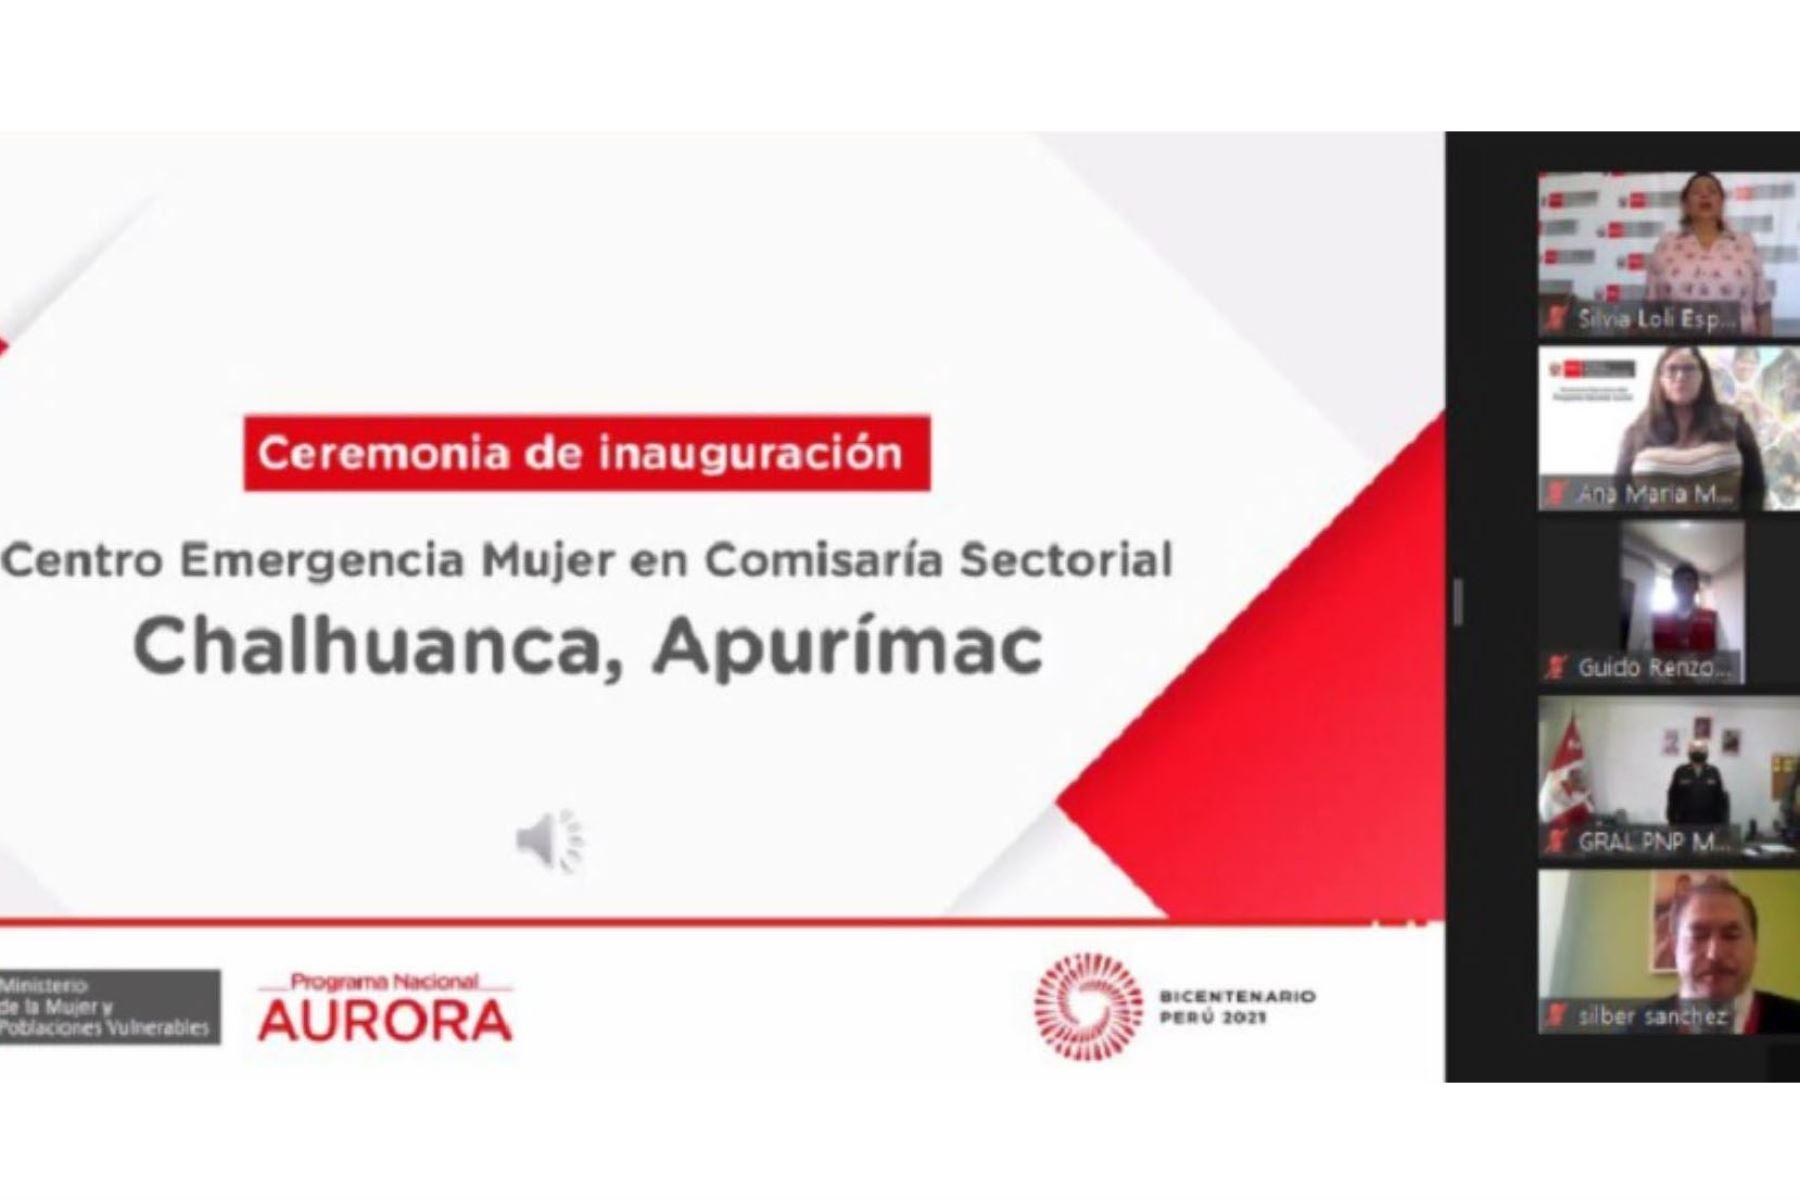 Los servicios gratuitos del Ministerio de la Mujer y Poblaciones Vulnerables siguen creciendo a nivel nacional con la inauguración del nuevo Centro Emergencia Mujer (CEM) en la Comisaría Sectorial Chalhuanca, en la provincia de Aymaraes en la región Apurímac.